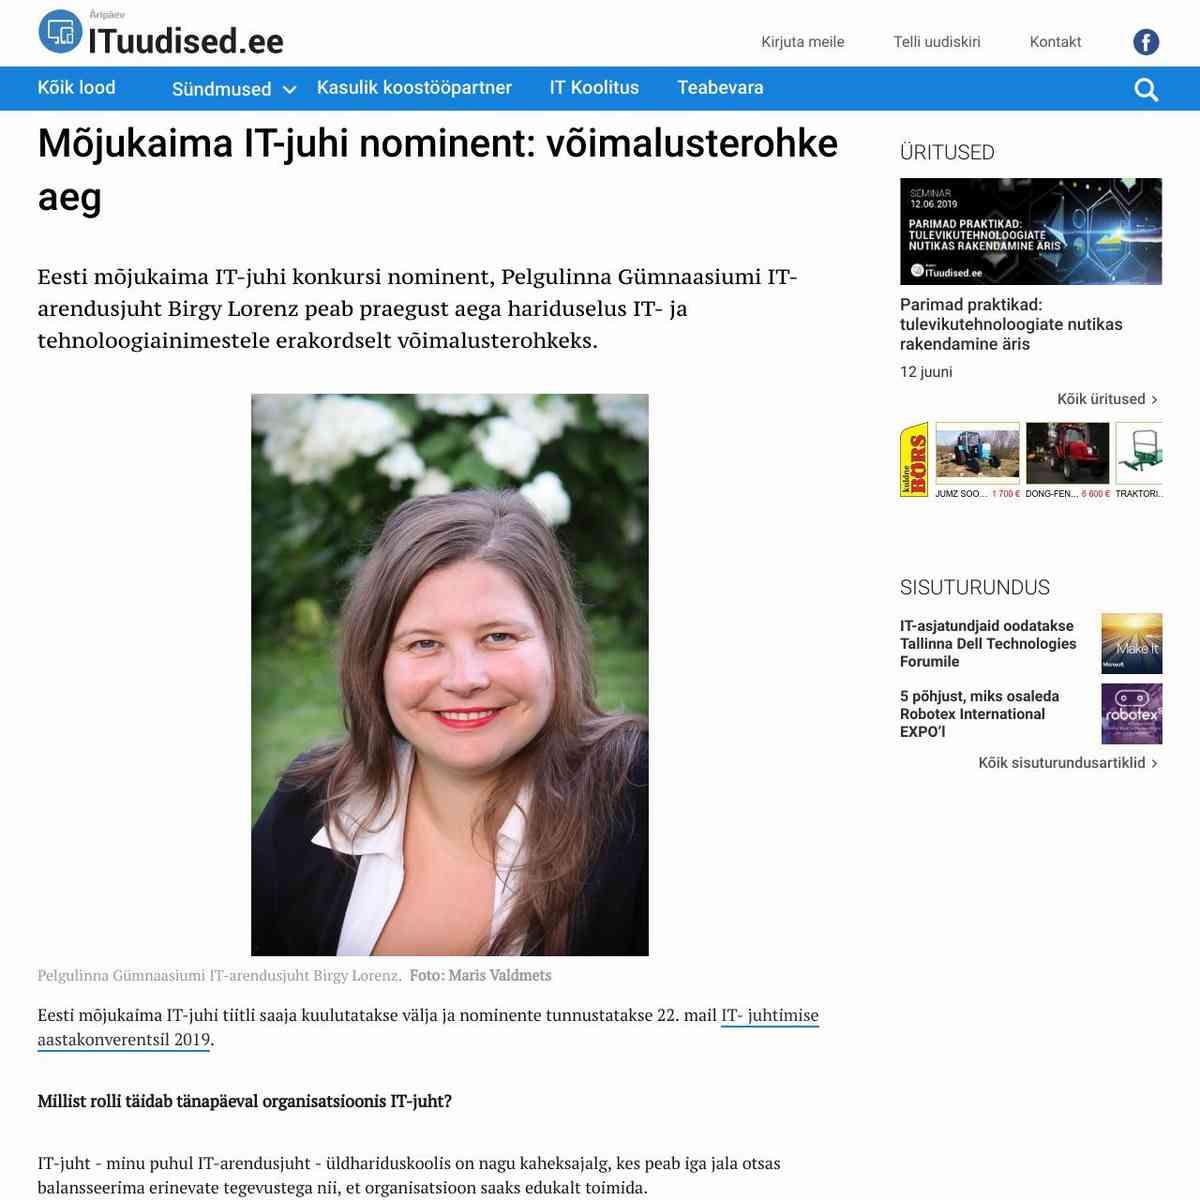 Mõjukaima IT-juhi nominent: võimalusterohke aeg